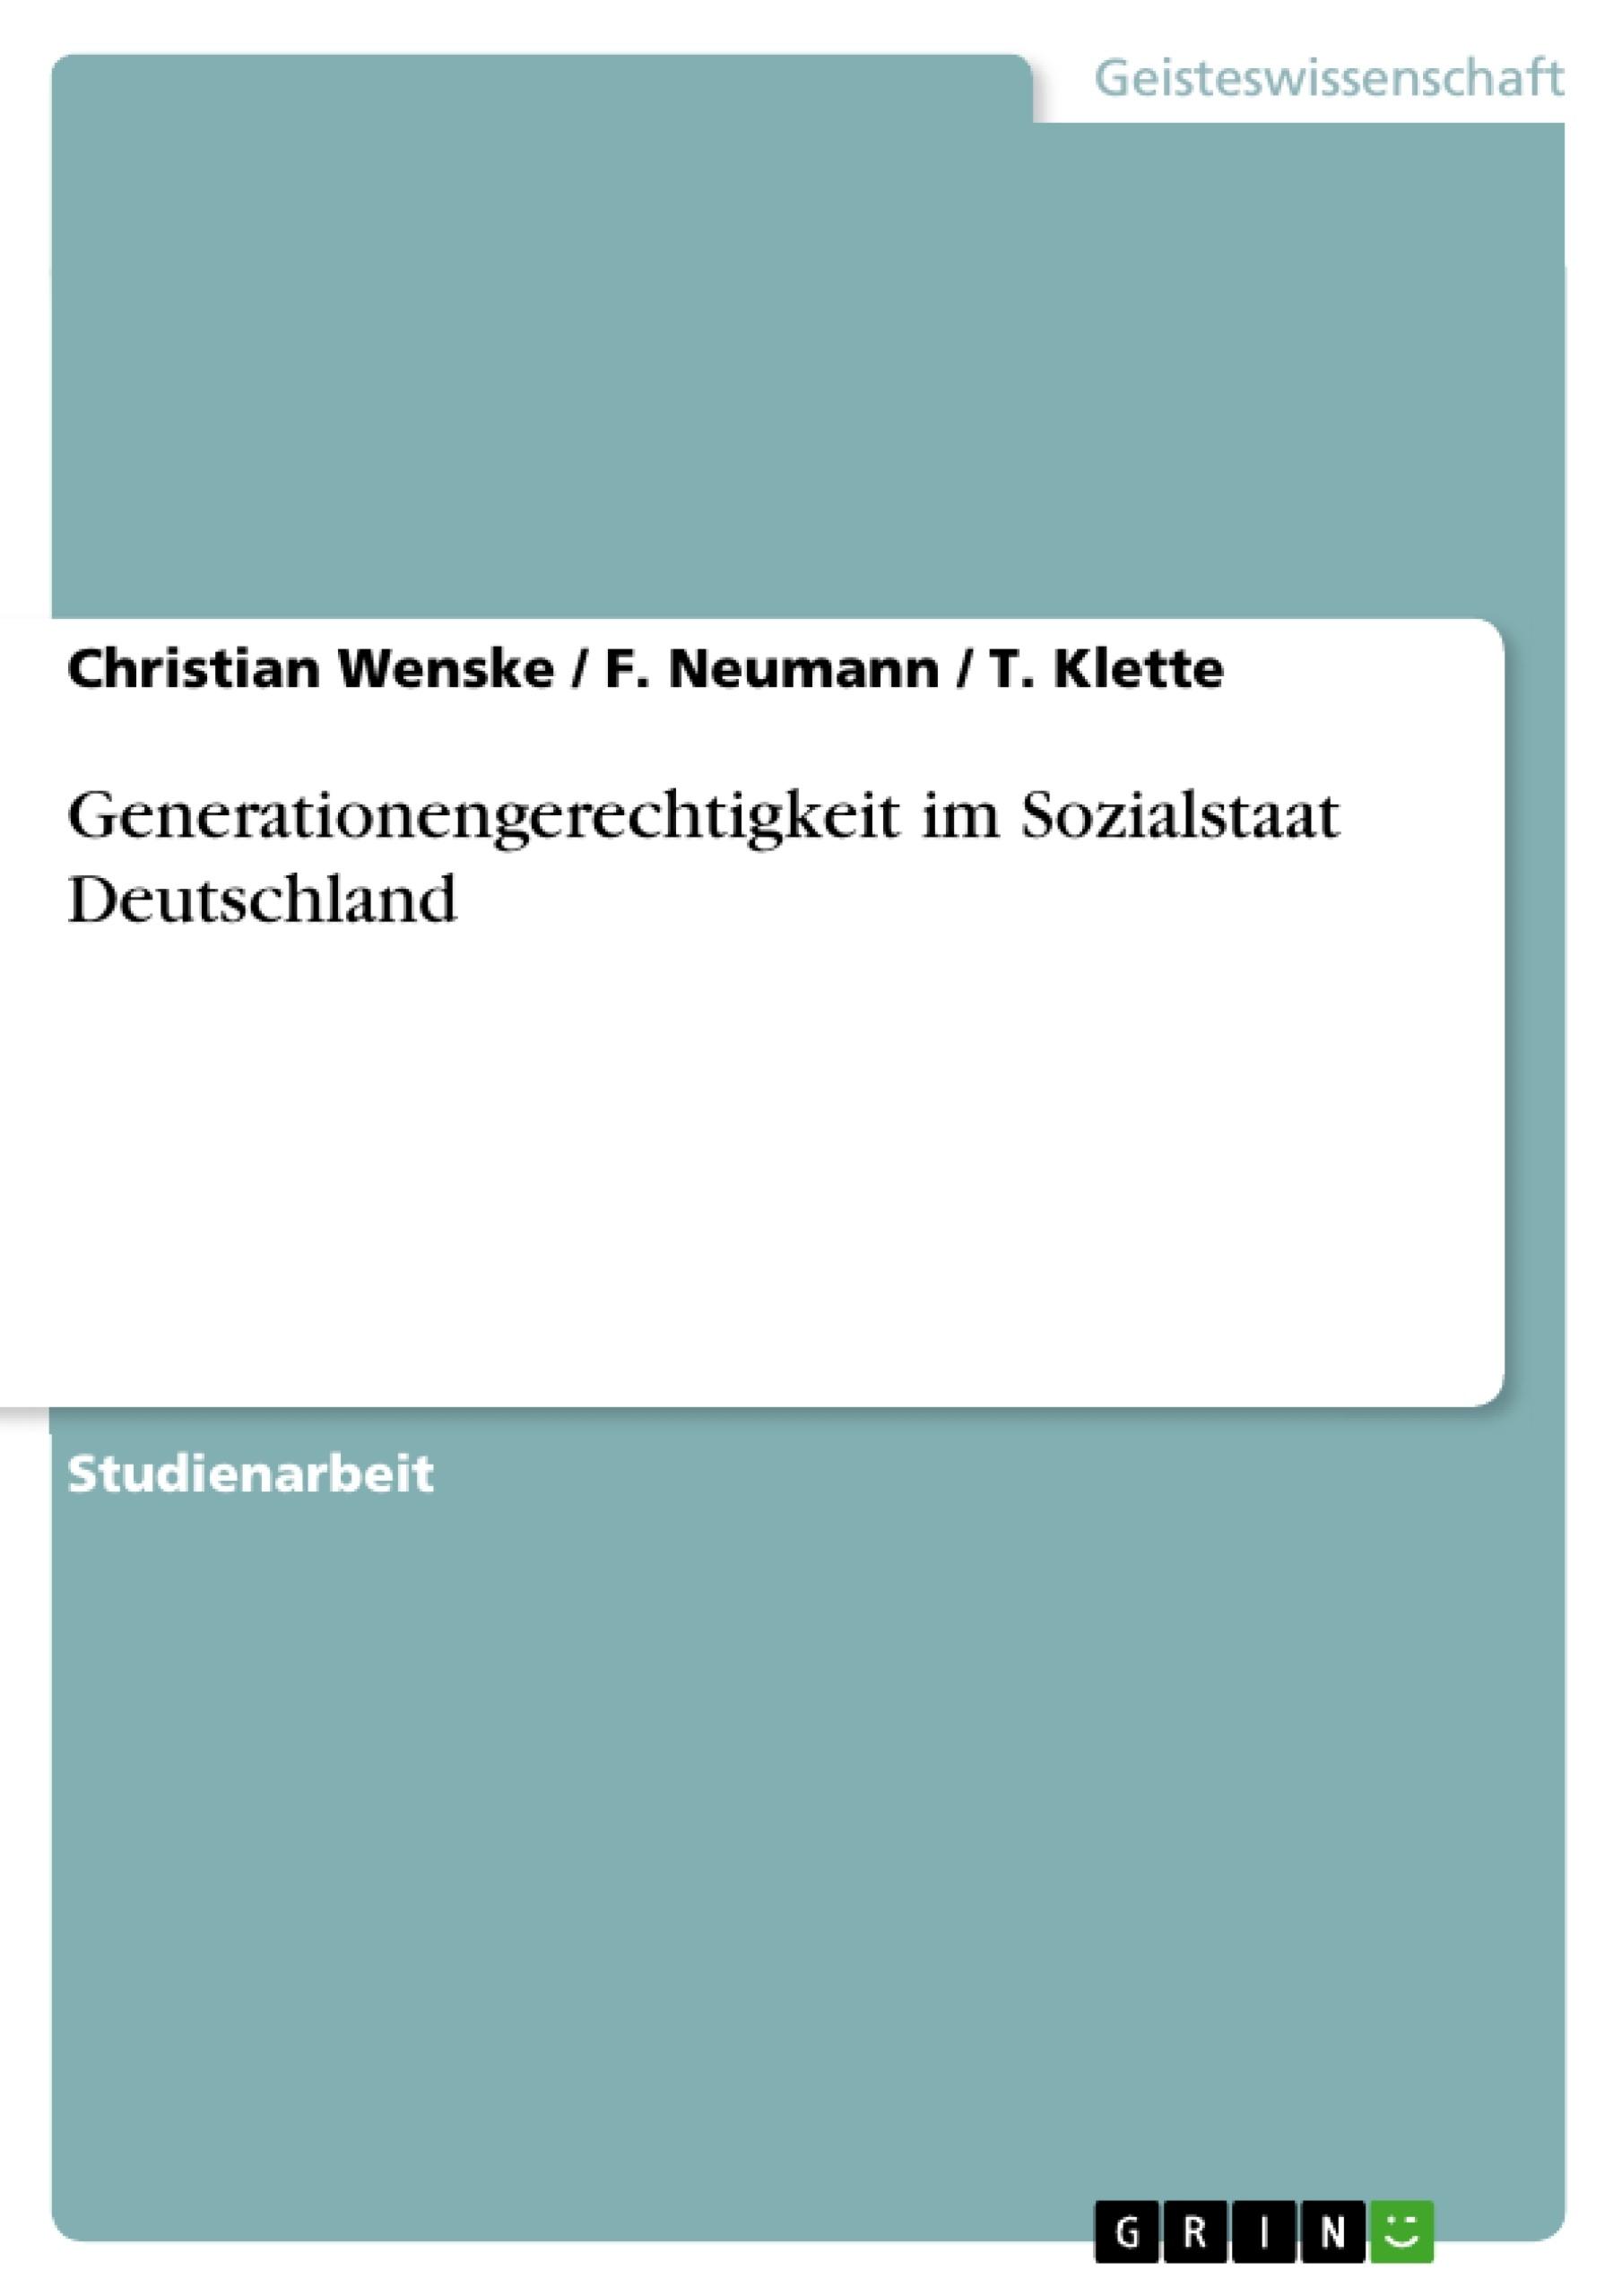 Titel: Generationengerechtigkeit im Sozialstaat Deutschland